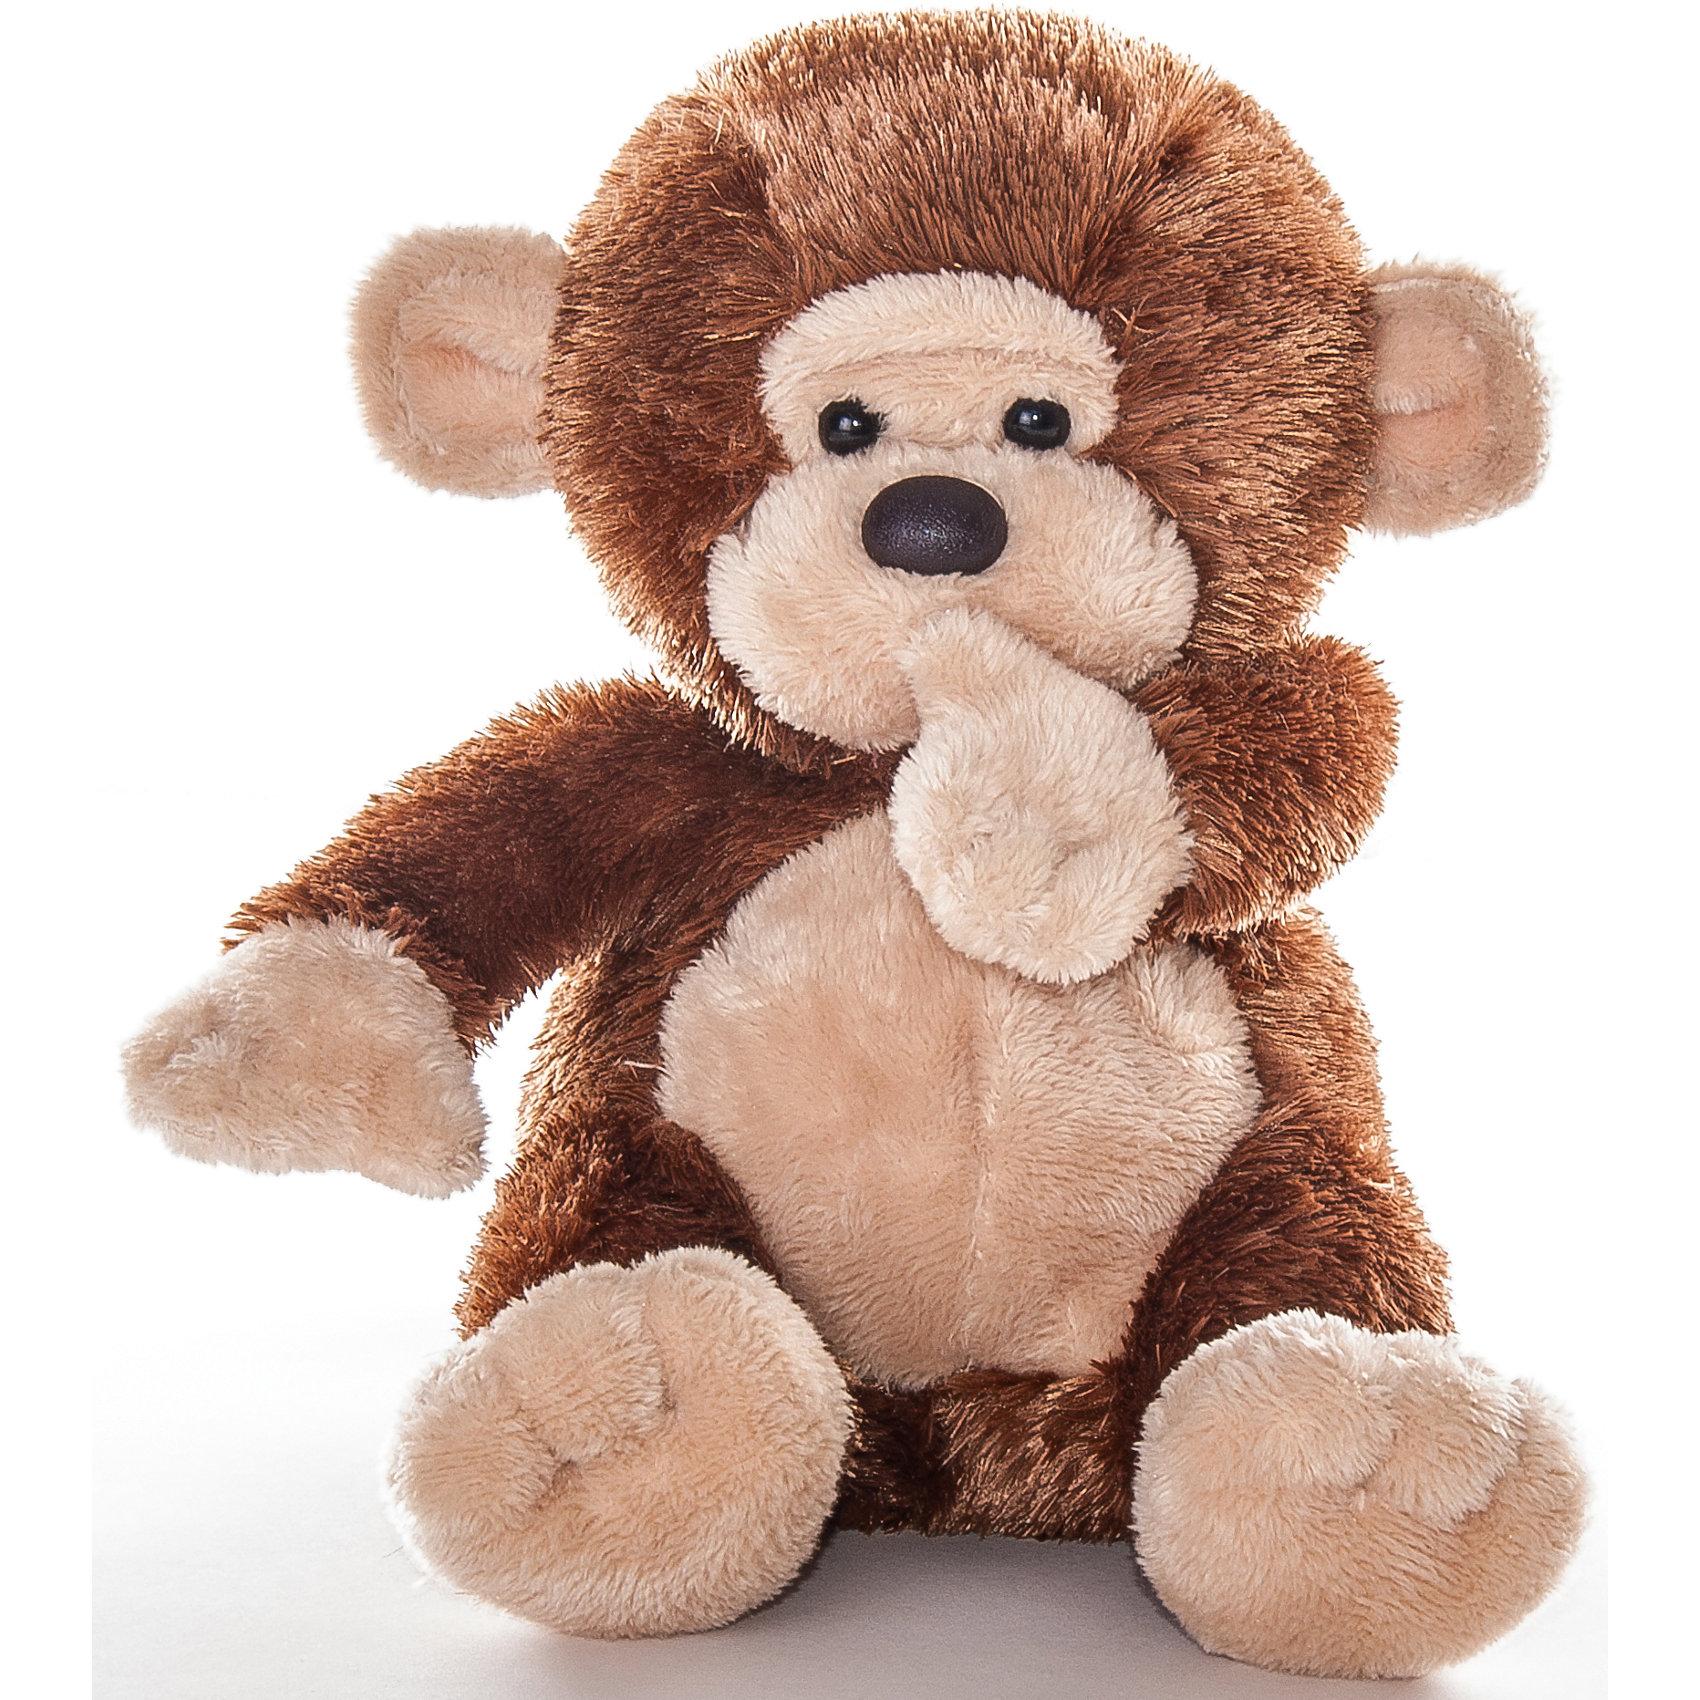 Мягкая игрушка Обезьянка, 20 см., AURORAОчаровательная мягкая обезьянка приведет в восторг любого малыша! Мягкая игрушка выполнена из высококачественных экологичных материалов абсолютно безопасна для детей. Она станет отличным новогодним подарком, ведь 2016 год будет годом «обезьяны». <br><br>Дополнительная информация:<br><br>- Материал: мех, пластик, синтепон.<br>- Размер: 20 см.<br><br>Мягкую игрушку Обезьянку, 20 см., AURORA (Аврора) можно купить в нашем магазине.<br><br>Ширина мм: 140<br>Глубина мм: 170<br>Высота мм: 140<br>Вес г: 136<br>Возраст от месяцев: 36<br>Возраст до месяцев: 192<br>Пол: Унисекс<br>Возраст: Детский<br>SKU: 4251465